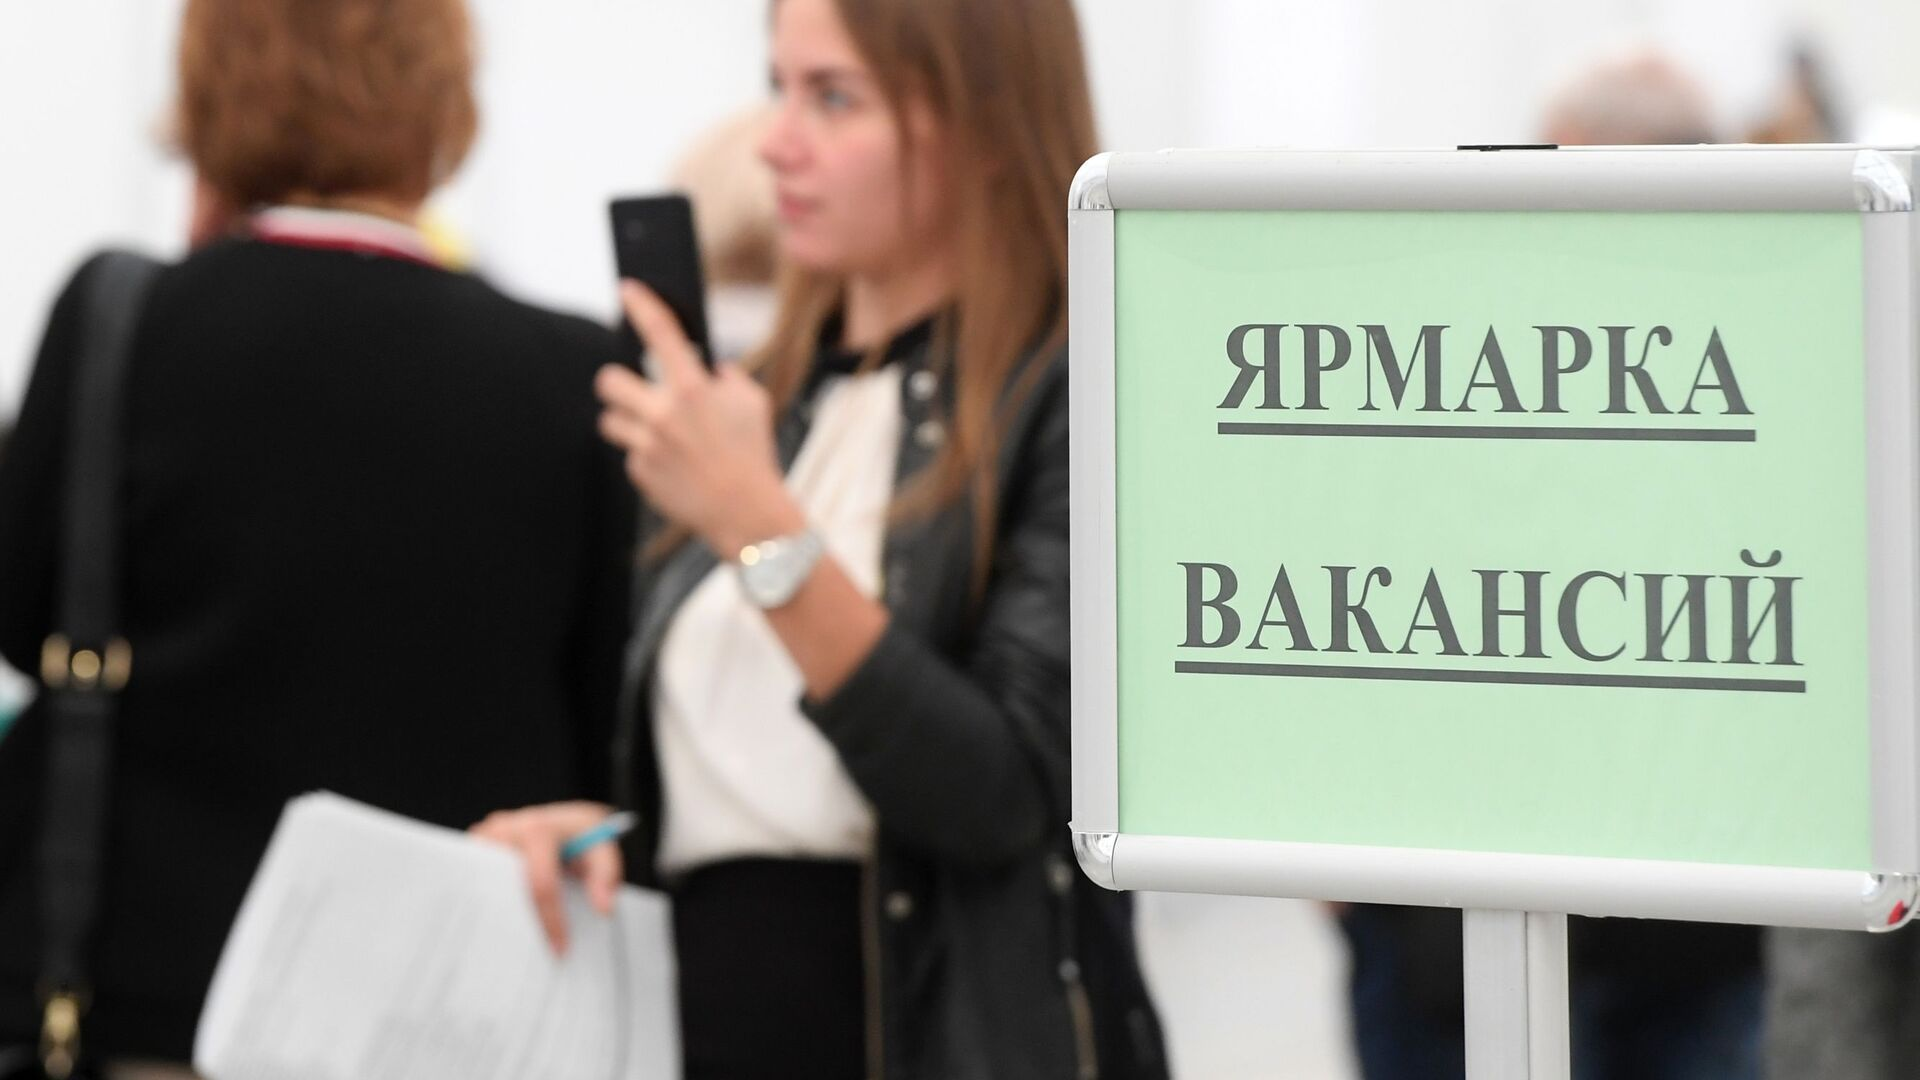 Ярмарка вакансий  - Sputnik Узбекистан, 1920, 15.06.2021